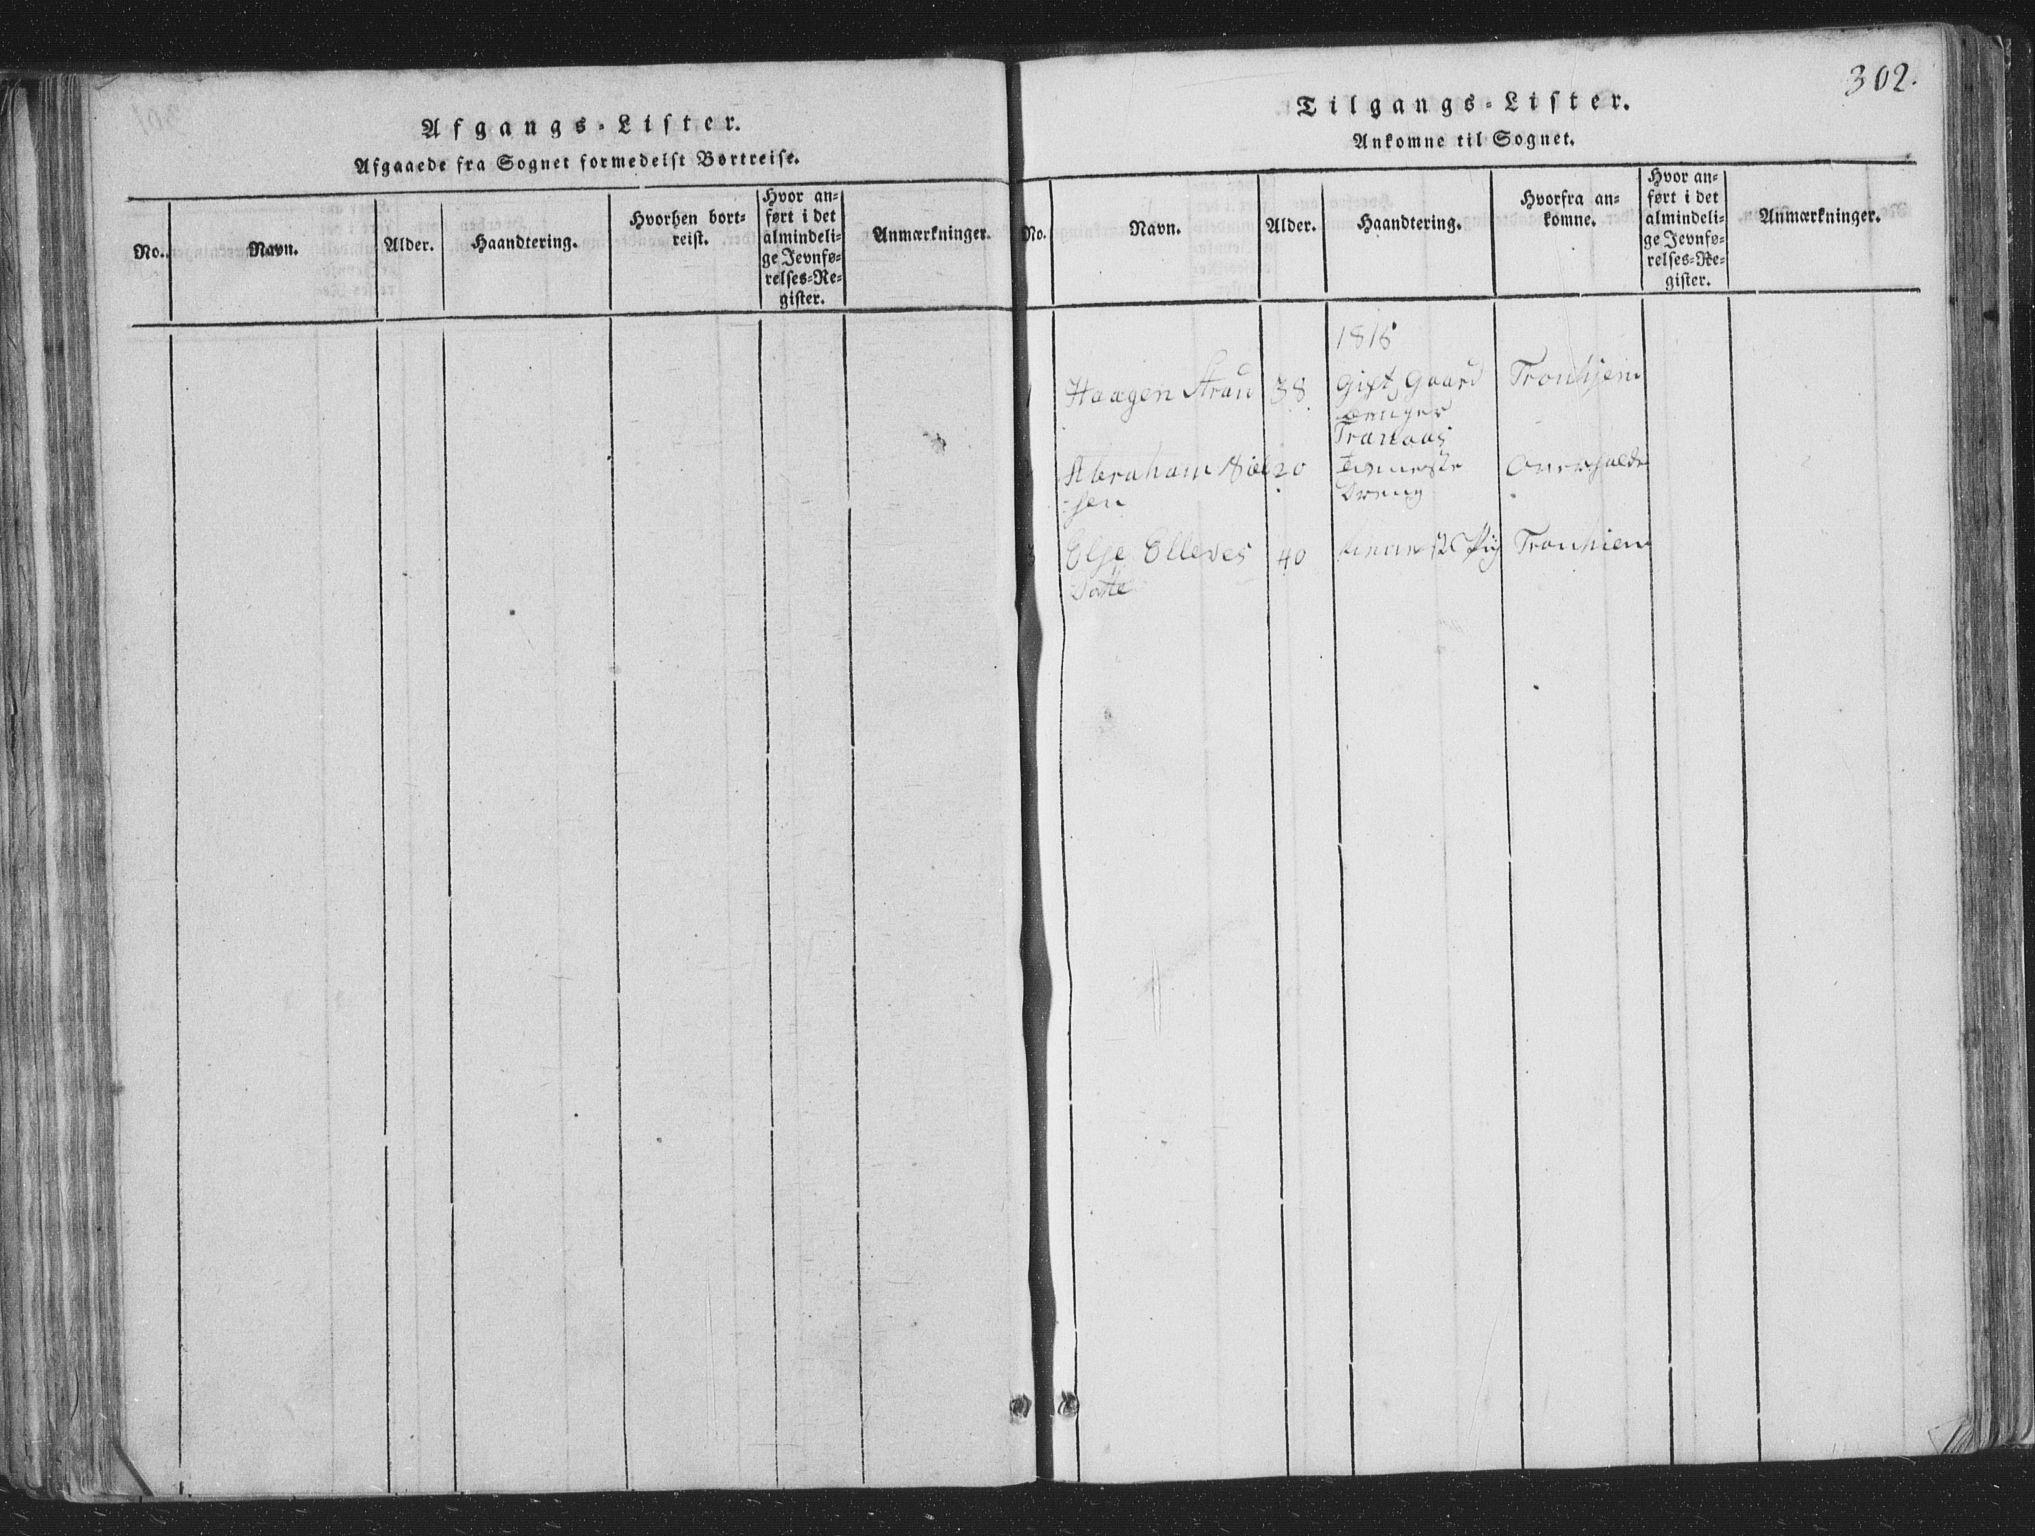 SAT, Ministerialprotokoller, klokkerbøker og fødselsregistre - Nord-Trøndelag, 773/L0613: Ministerialbok nr. 773A04, 1815-1845, s. 302